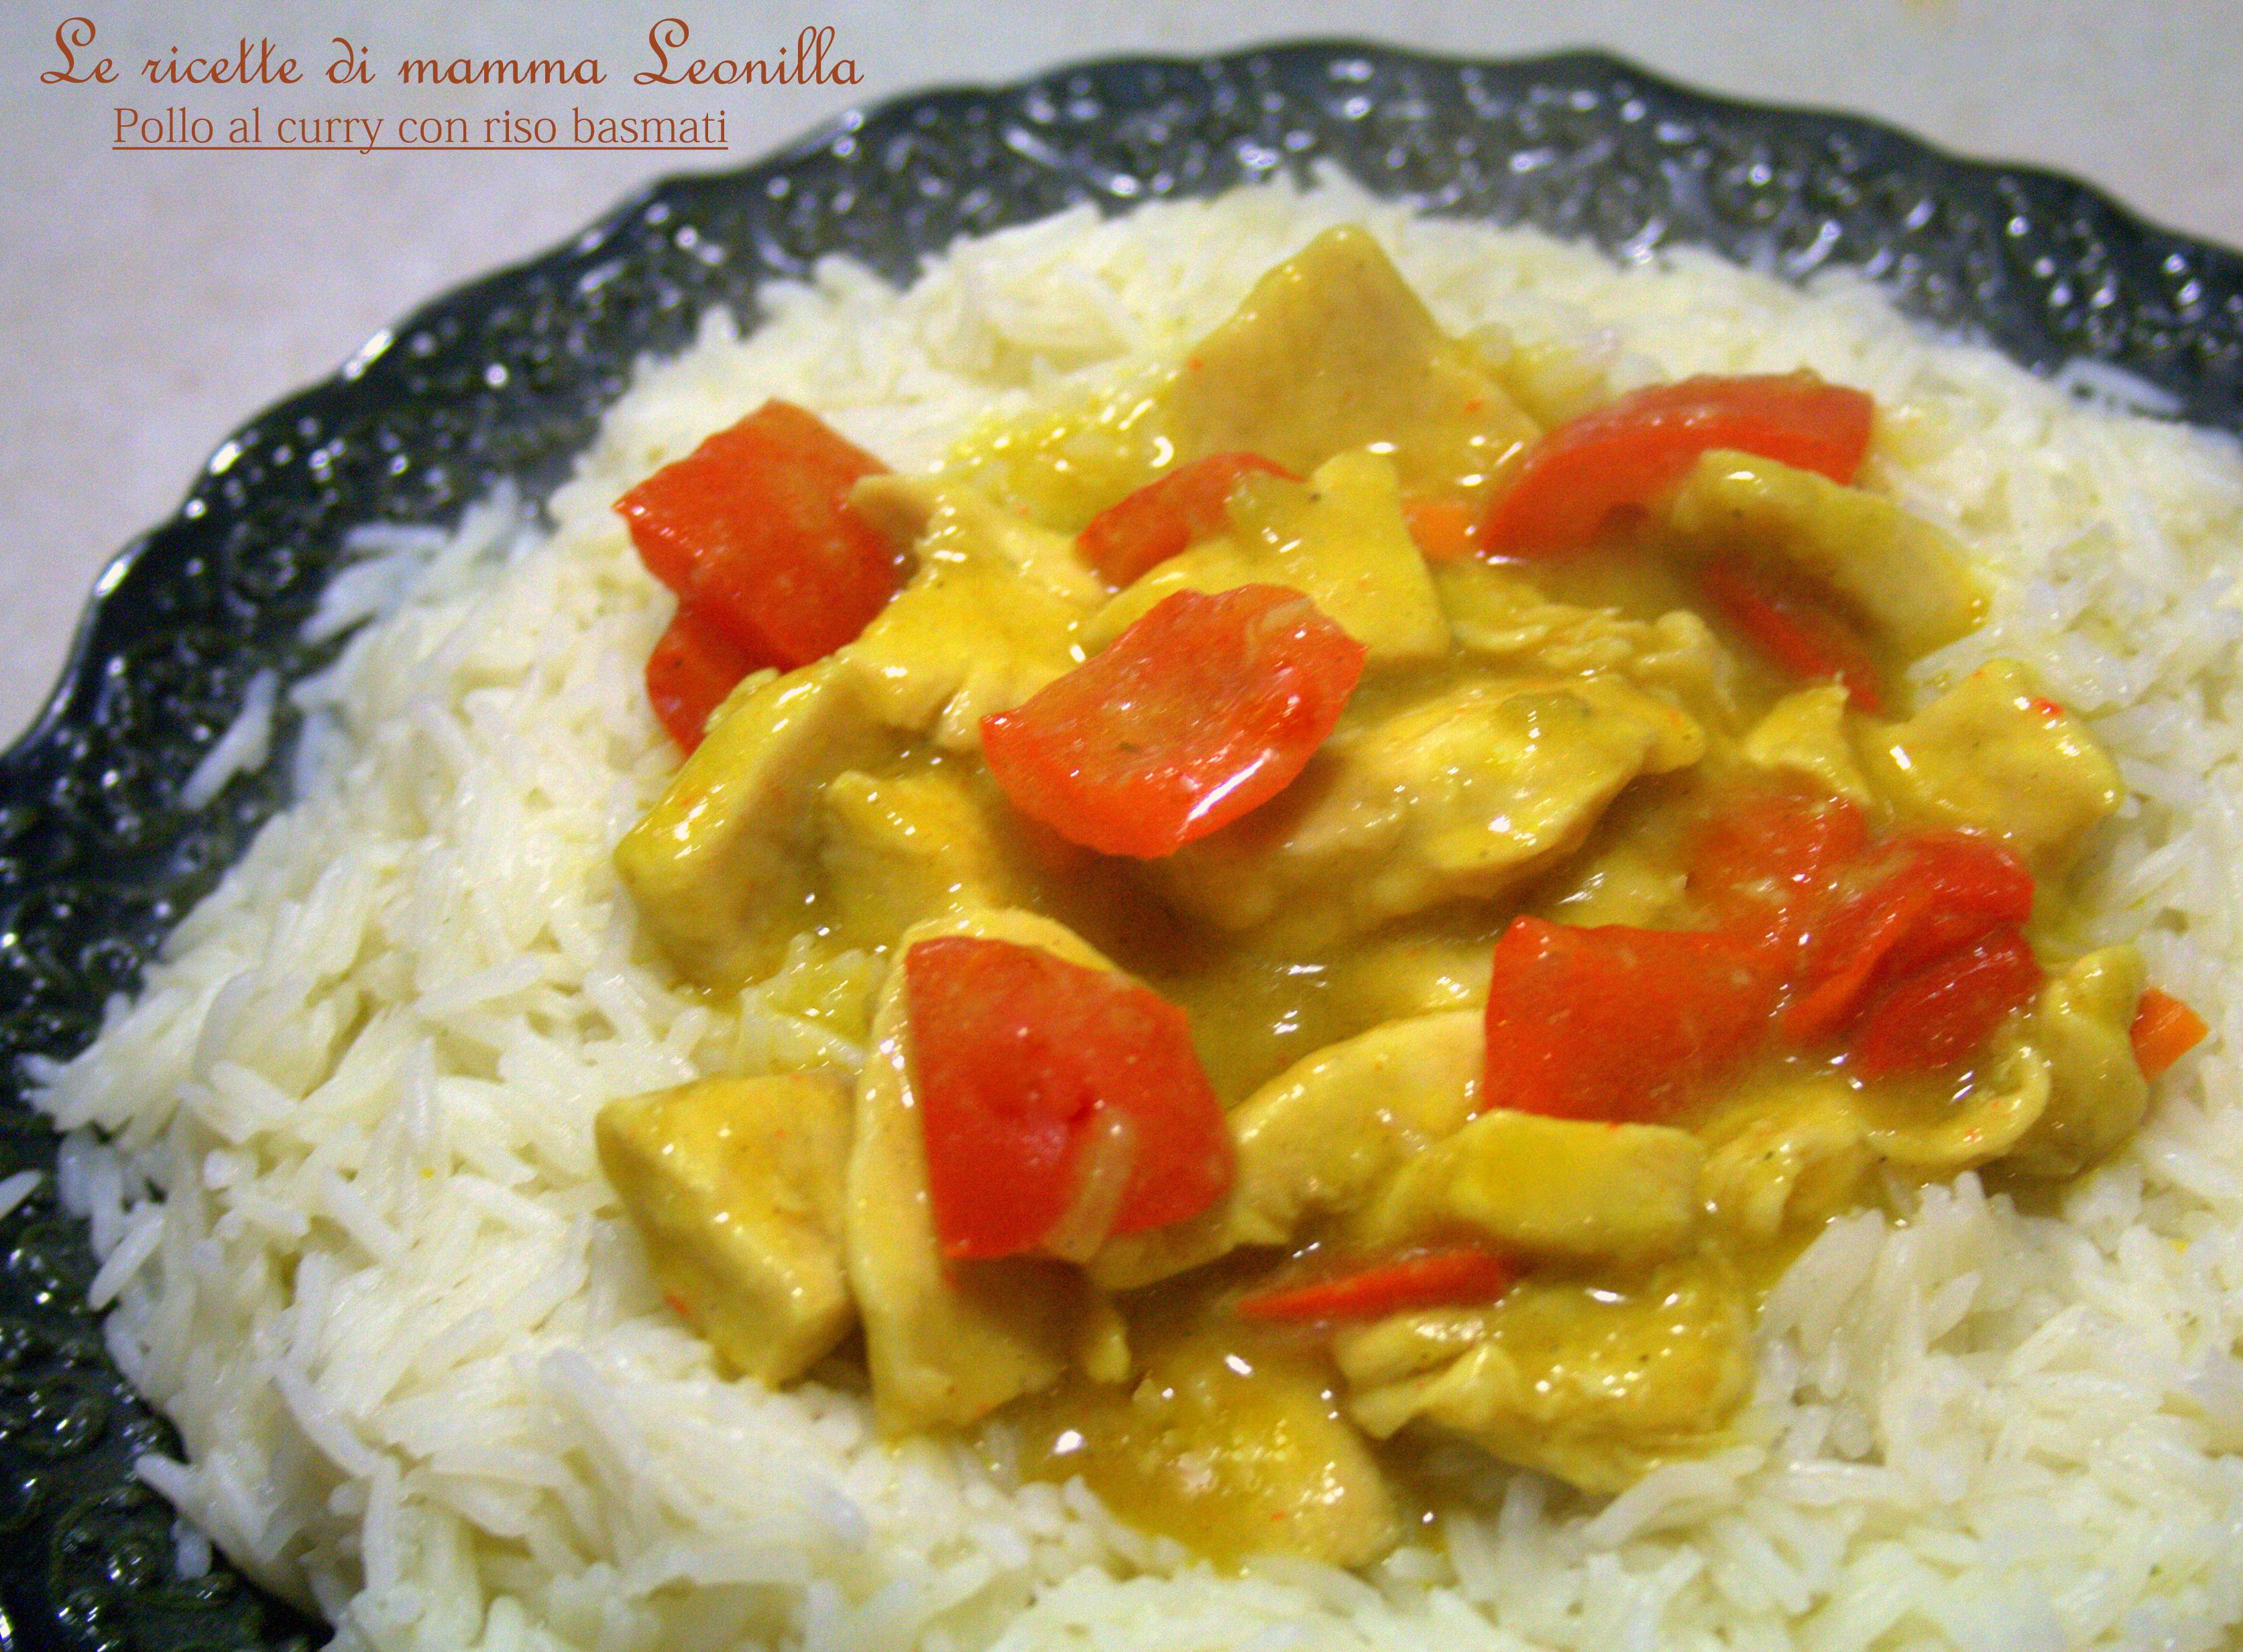 Ricette veloci con il riso basmati